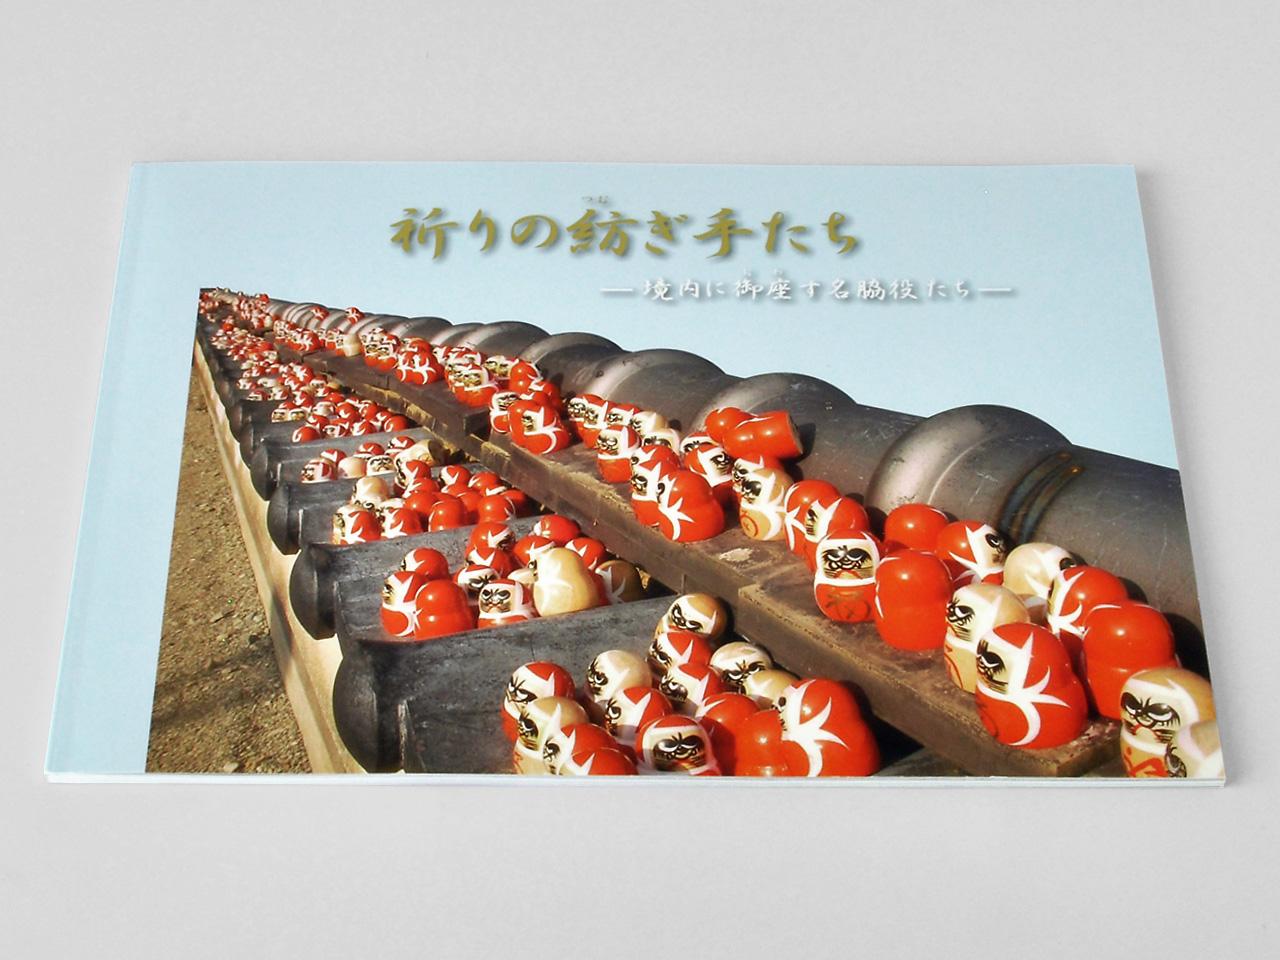 【自費出版制作事例】祈りの紡ぎ手たち